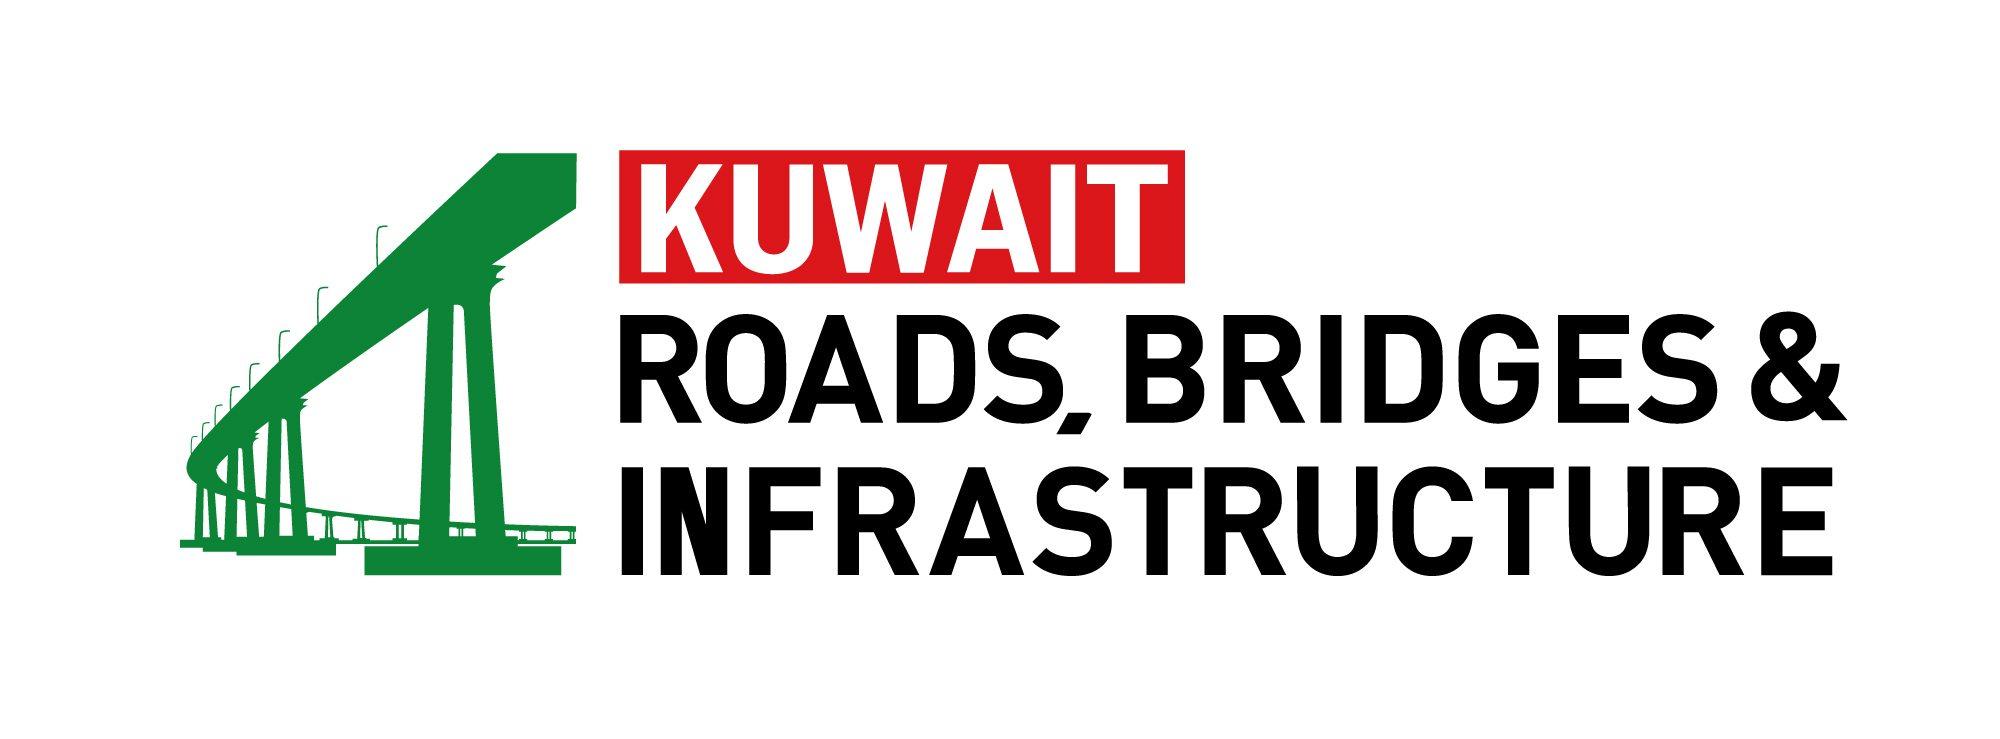 Kuwait Roads, Bridges & Infrastructure